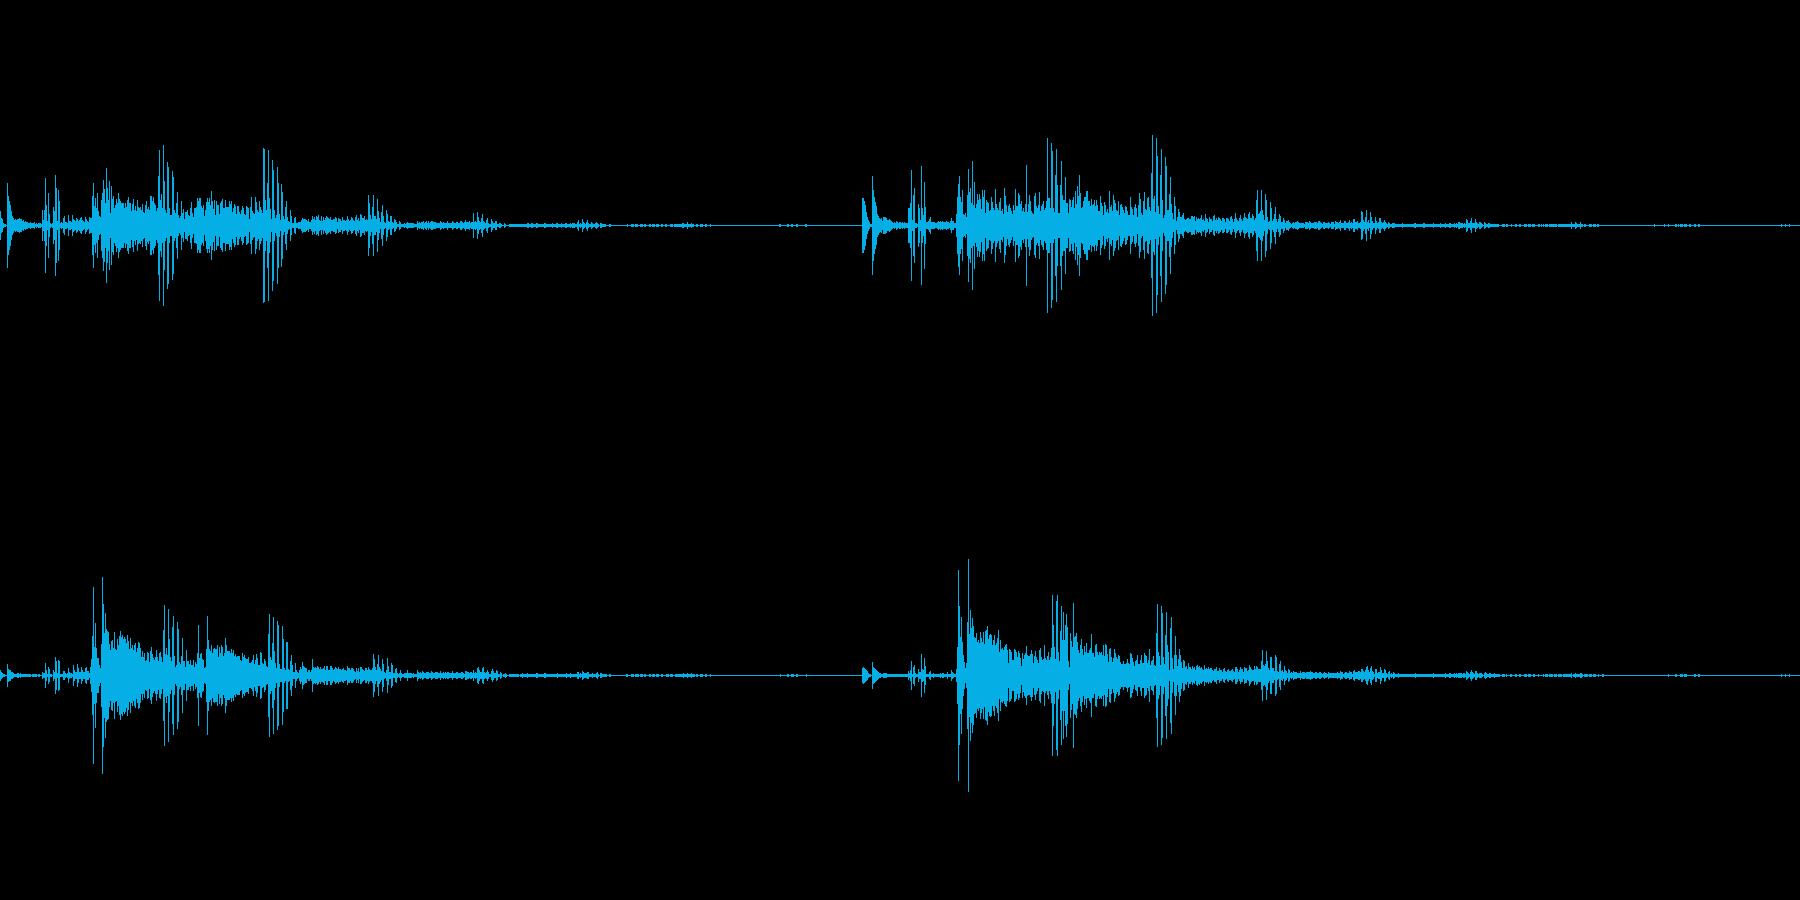 宇宙っぽい電子音2の再生済みの波形